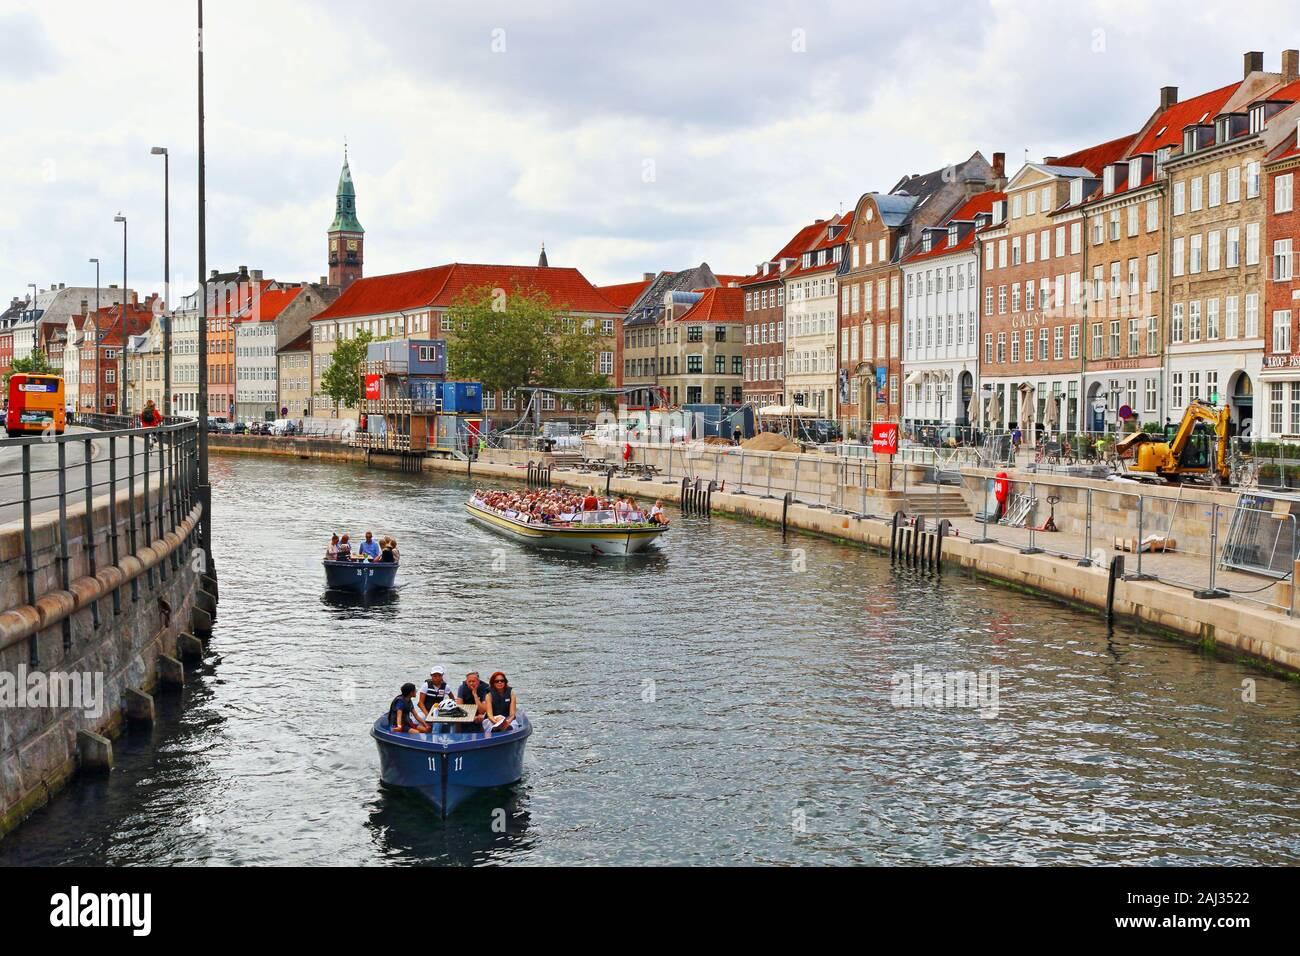 Bateaux sur Visite guidée d'un canal et Slotsholmen Gammel Strand rue bordée par une rangée de vieilles maisons aux couleurs vives, au centre-ville de Copenhague, Danemark Banque D'Images